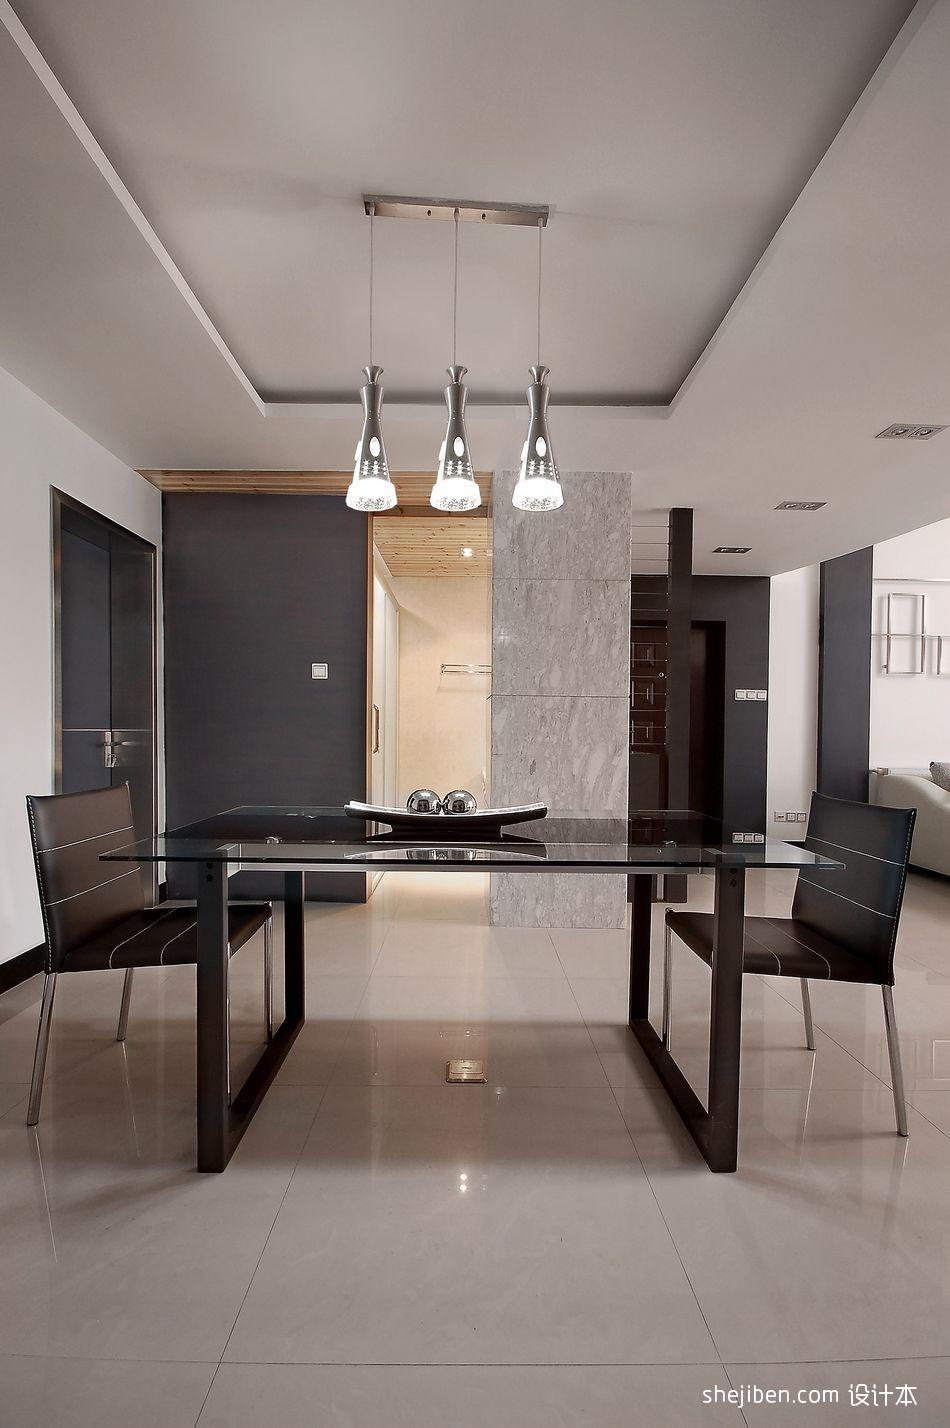 星语林名园复式楼设计餐厅吊灯装饰装修效果图设计图片赏析